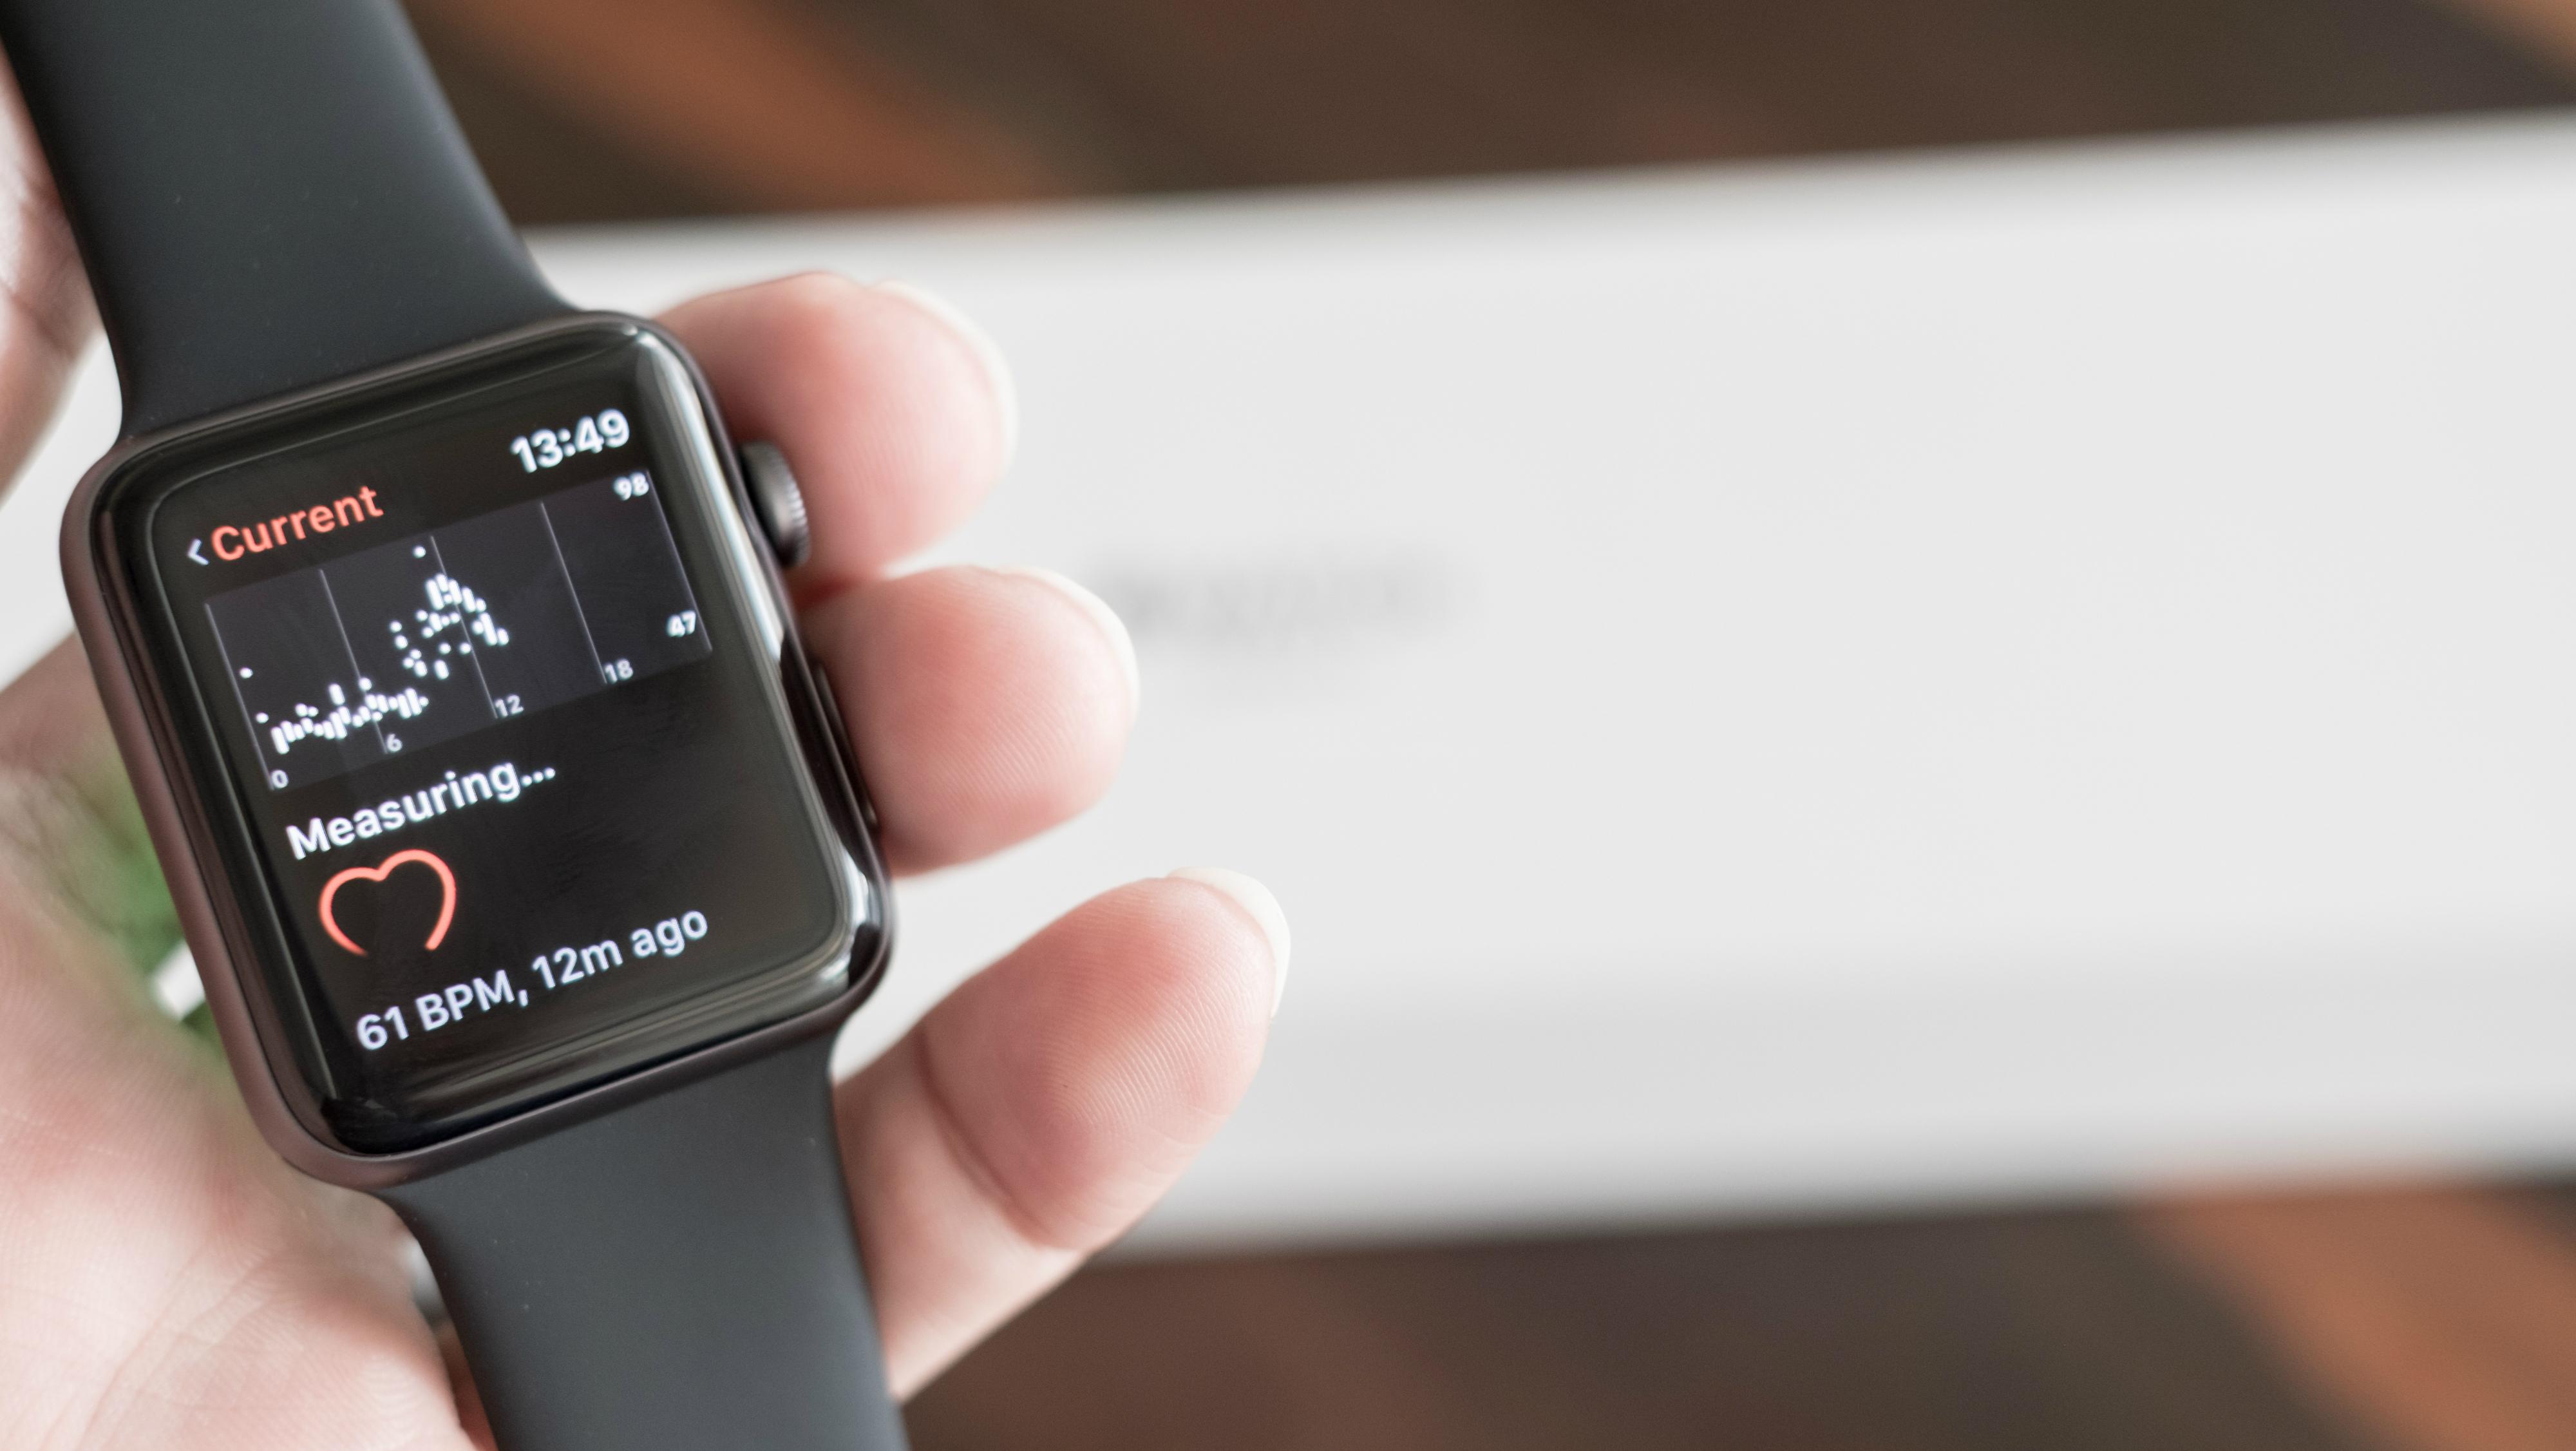 Reloj A Por Venta La Obtenga Apple Series 3 El Walmart En thrdQxsC